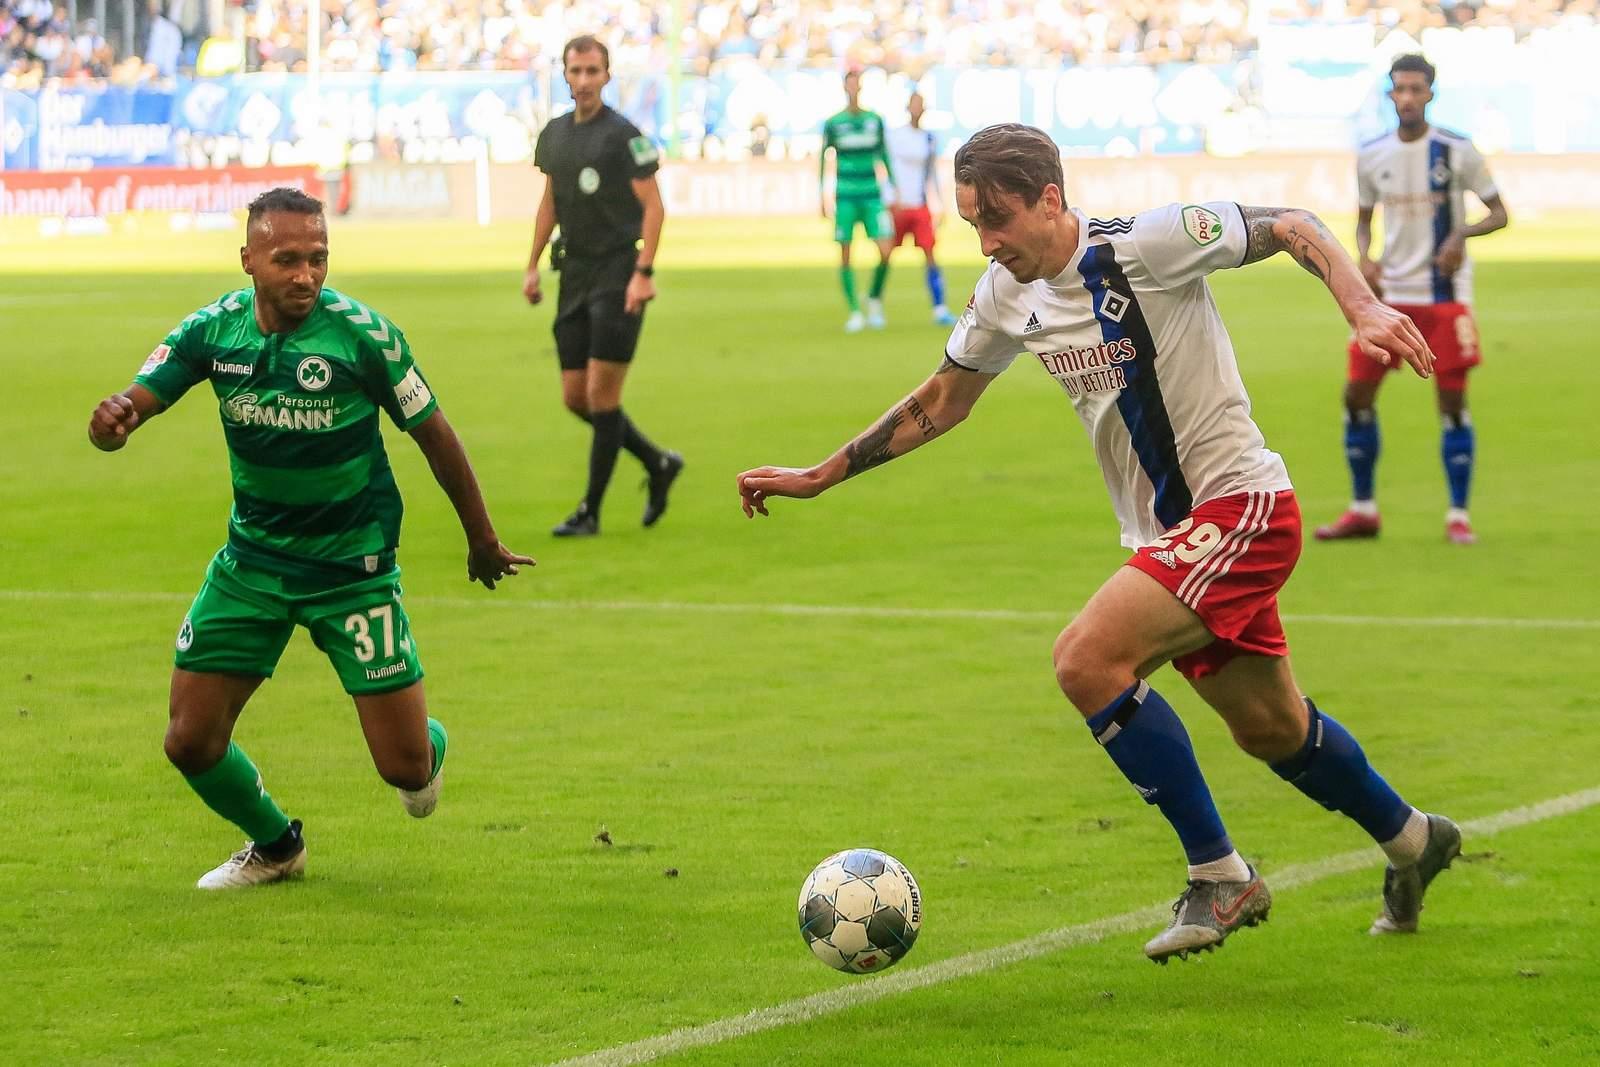 Julian Green von Greuther Fürth (l.) gegen Adrian Fein vom HSV.